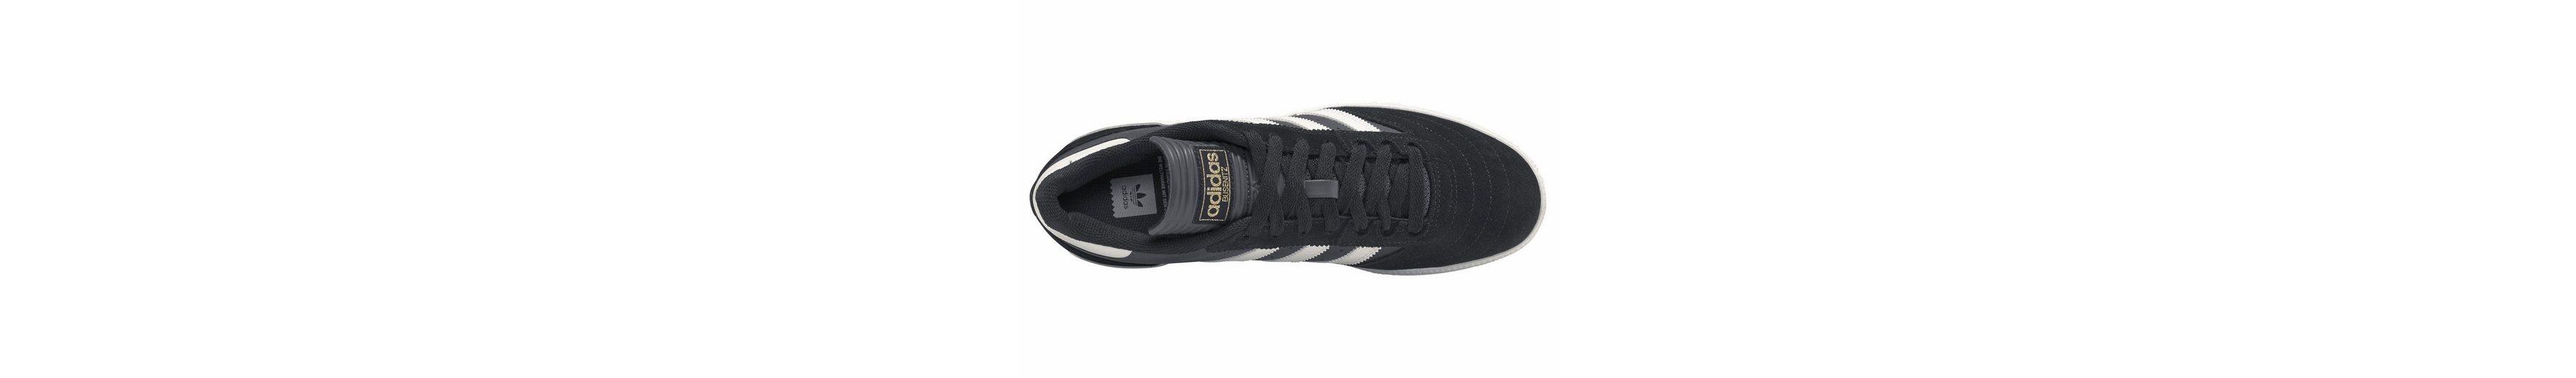 adidas Originals Sneaker Busenitz Online Kaufen Mit Paypal Outlet Limitierte Auflage Visa-Zahlung Günstiger Preis Outlet Online-Shop bXSNLl2Ql